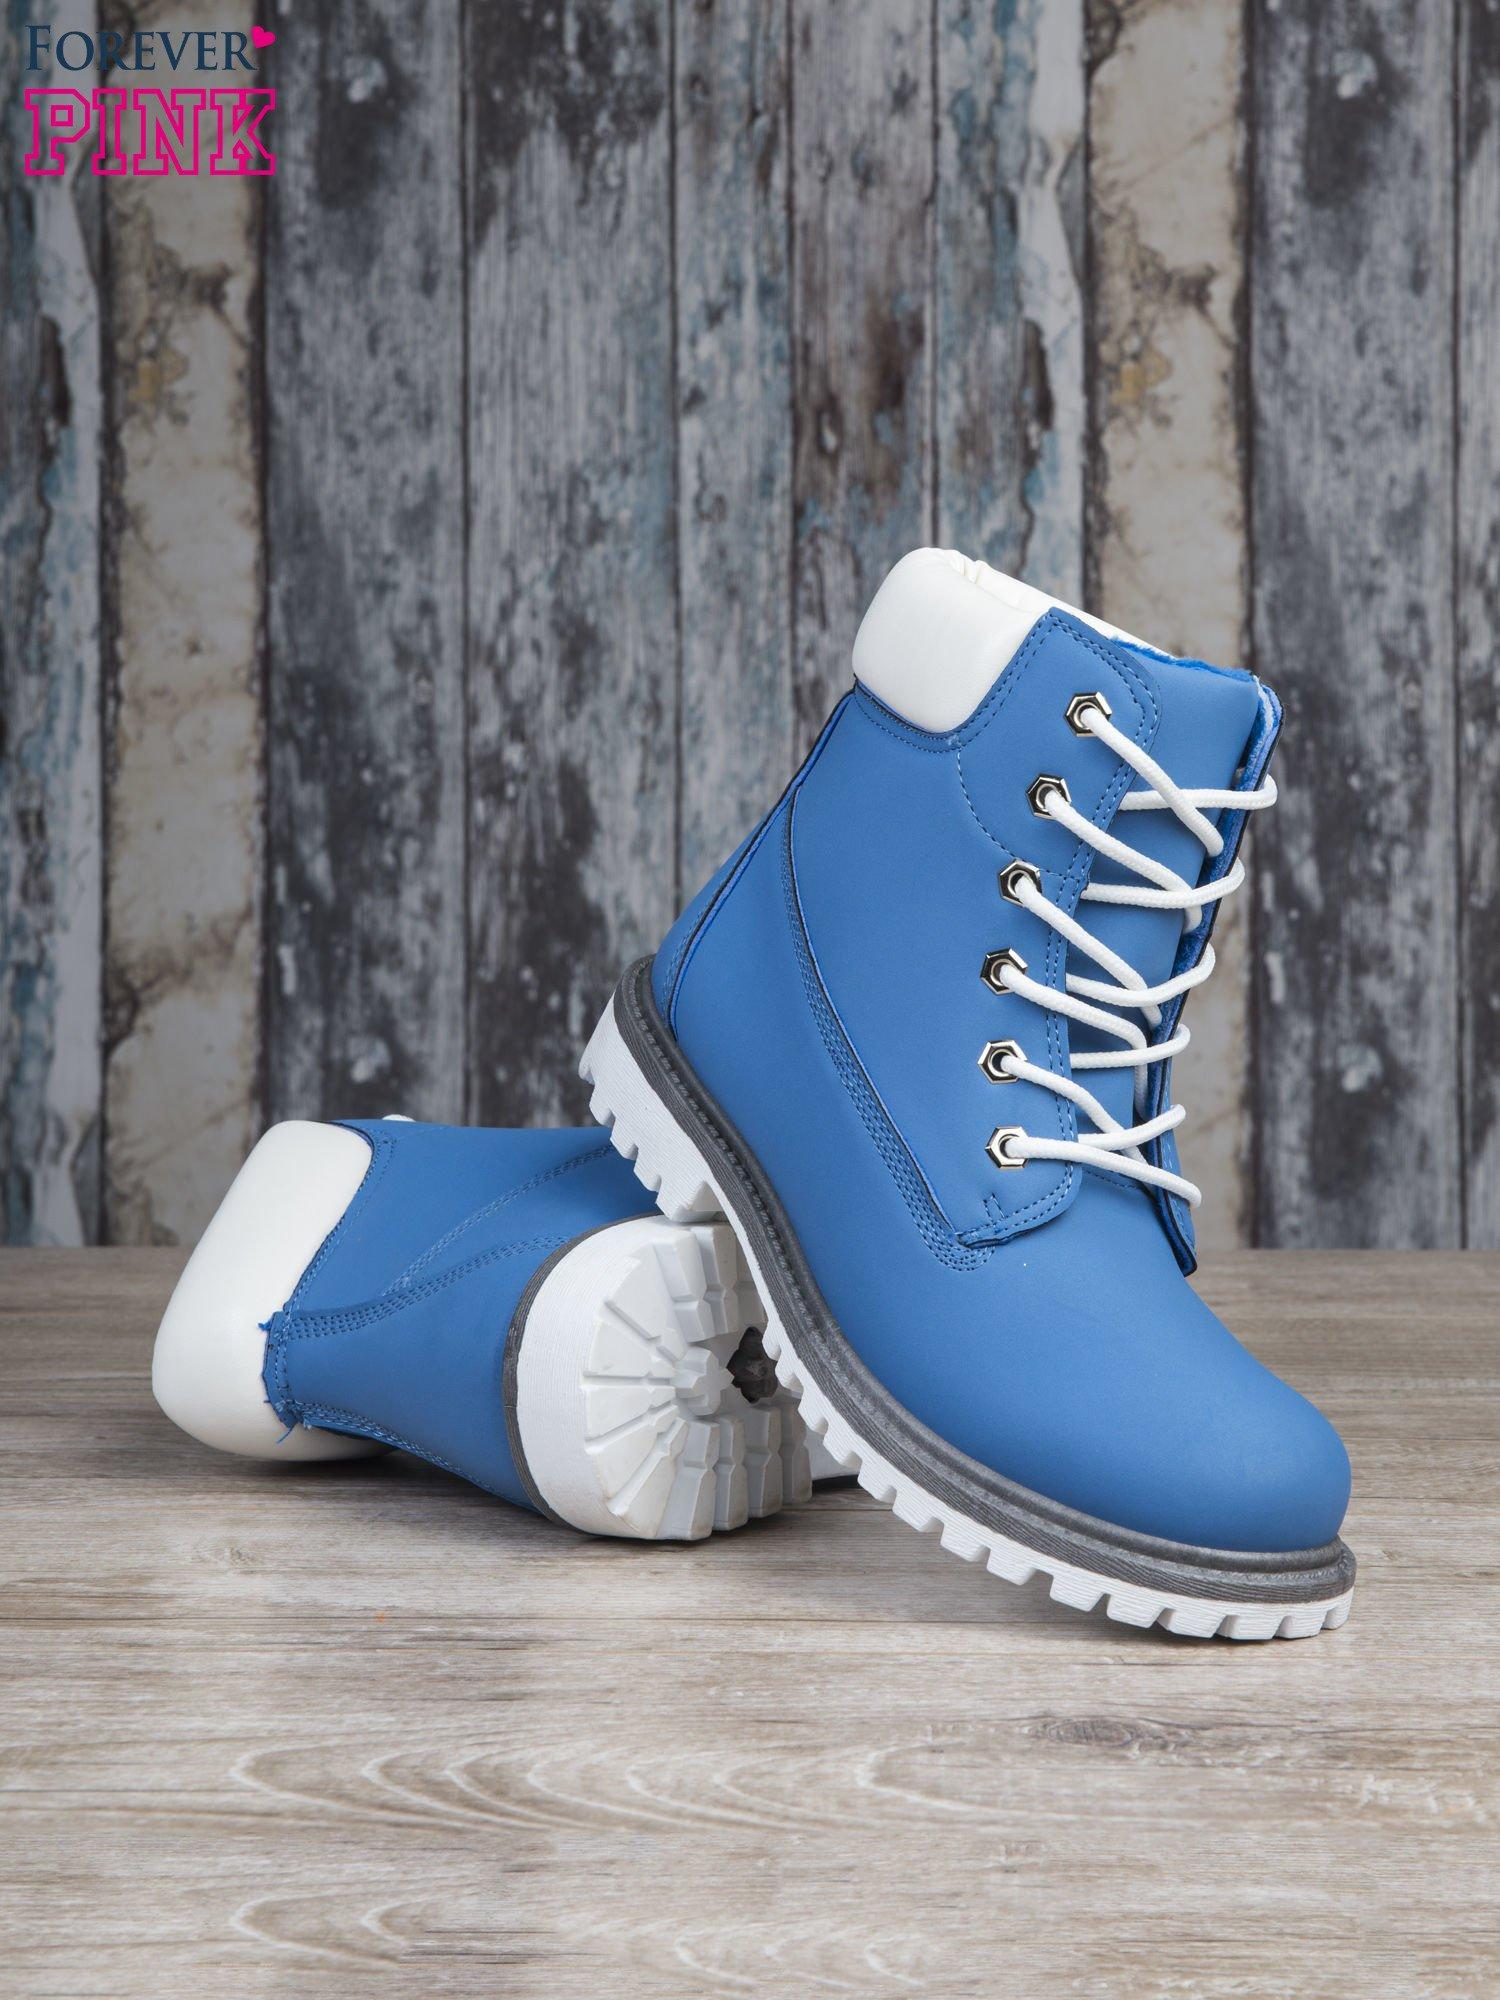 Jasnoniebieskie buty trekkingowe damskie Amina traperki ocieplane                                  zdj.                                  4